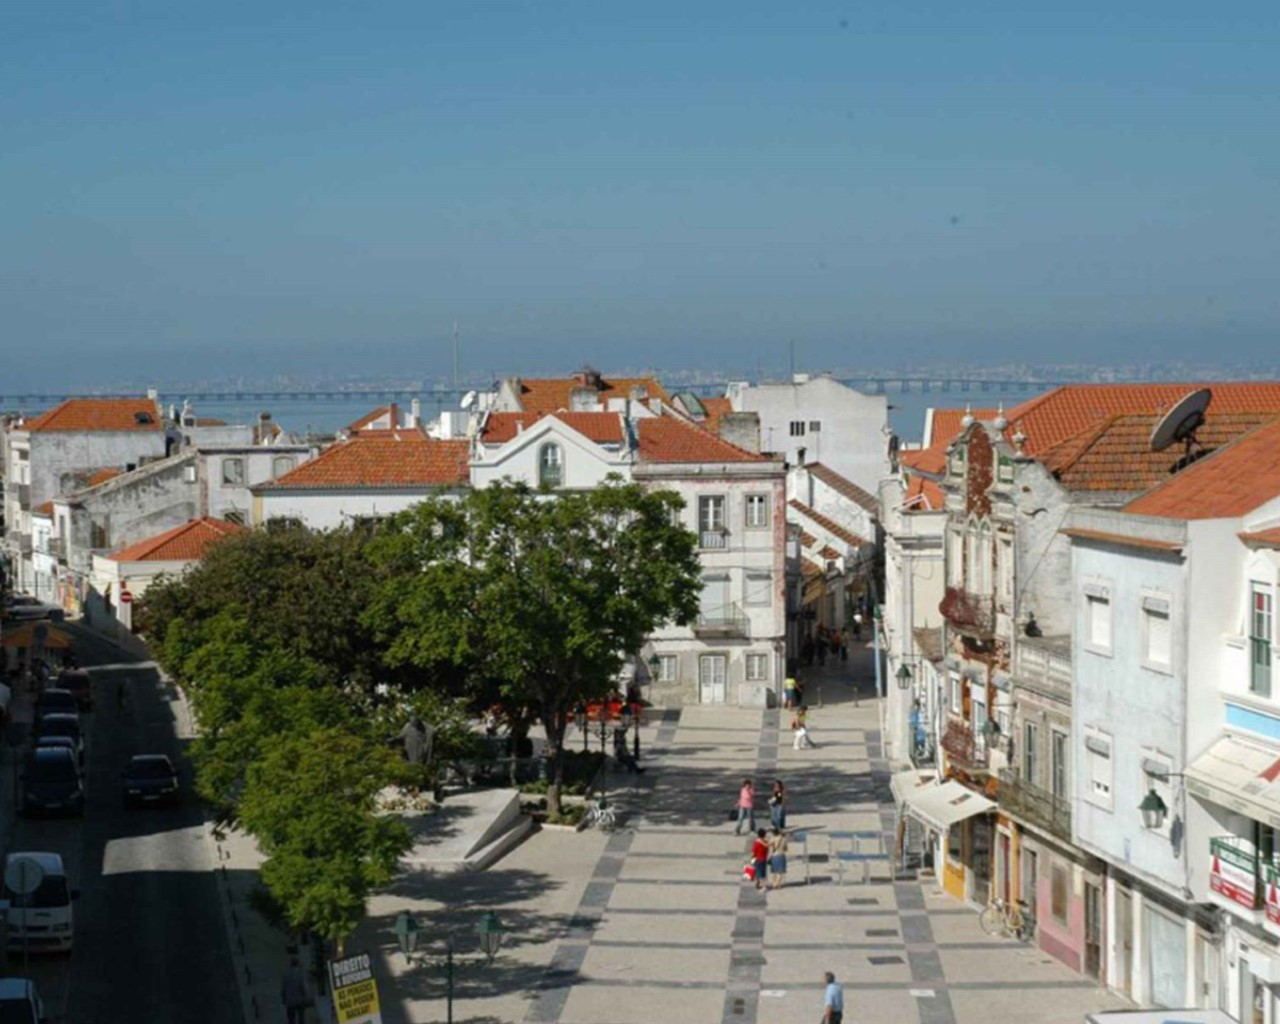 Alcochete city center